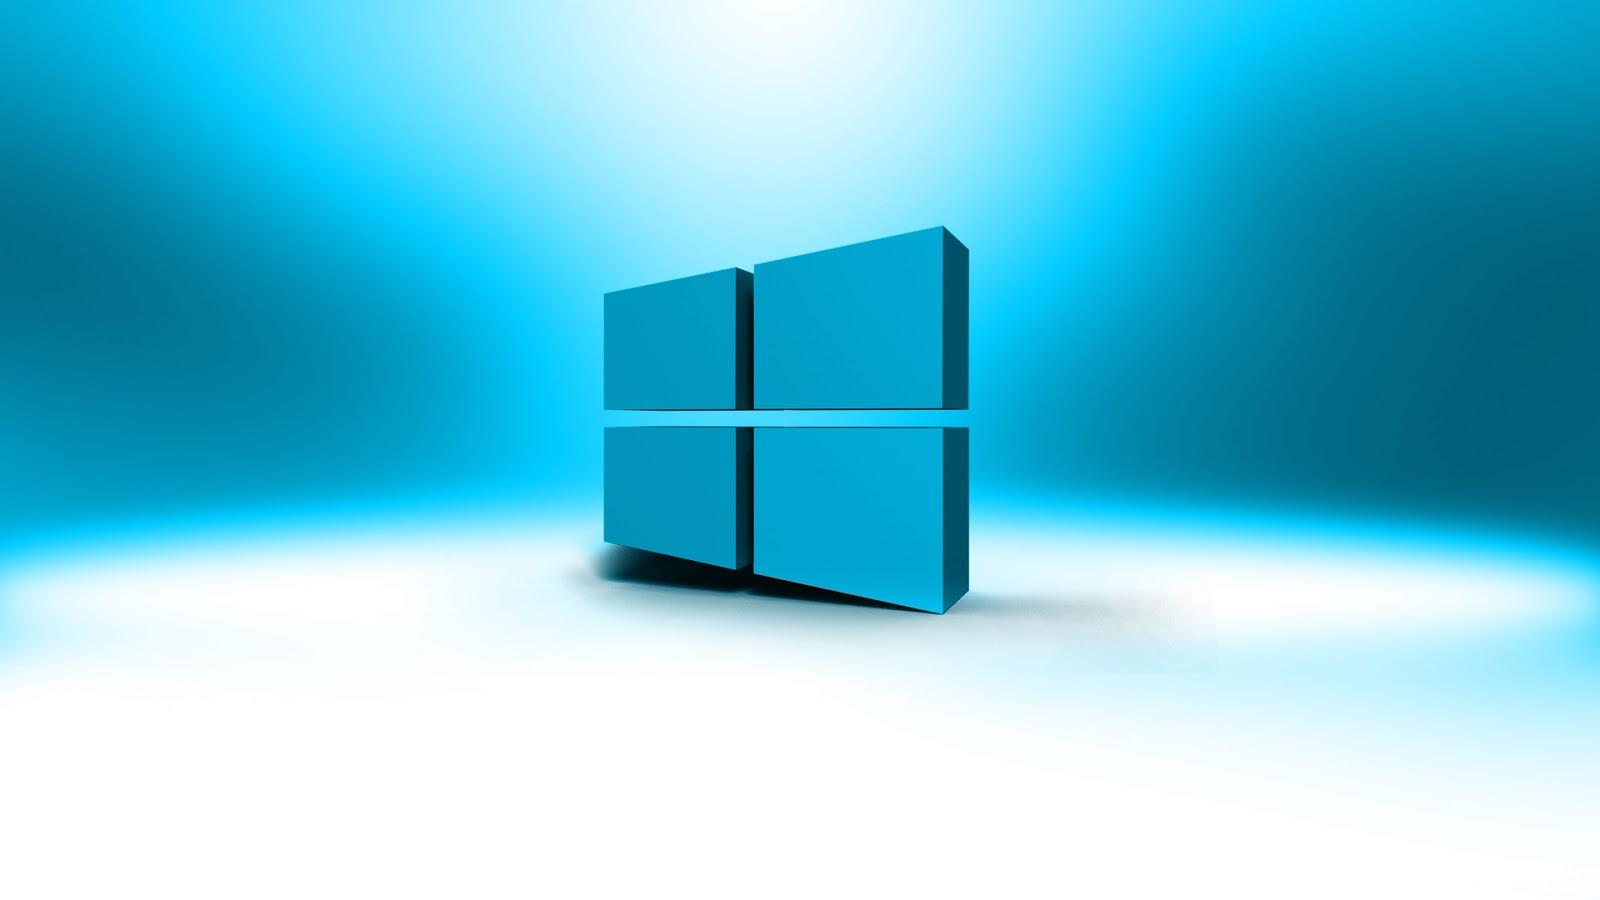 http://3.bp.blogspot.com/-30y2jJAb94k/UIqOE4EJ0LI/AAAAAAAAAeQ/AXYv8KPLzvo/s1600/windows_8_3d-HD.jpg